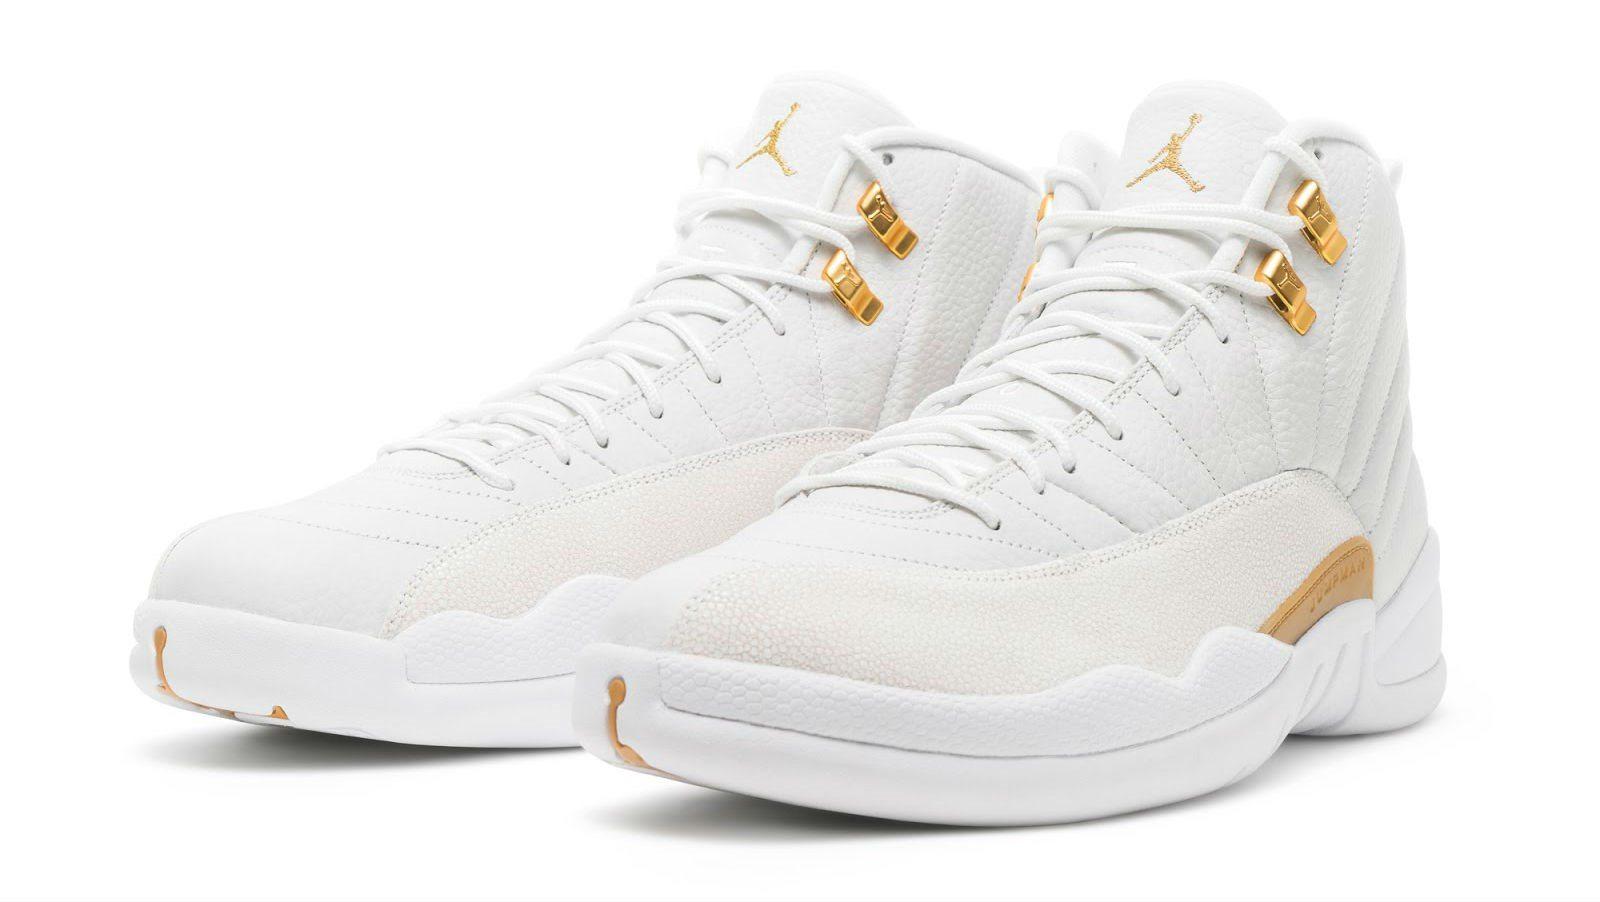 12 « Jordan KicksLes Retro » Air Ovo QshtdCxr